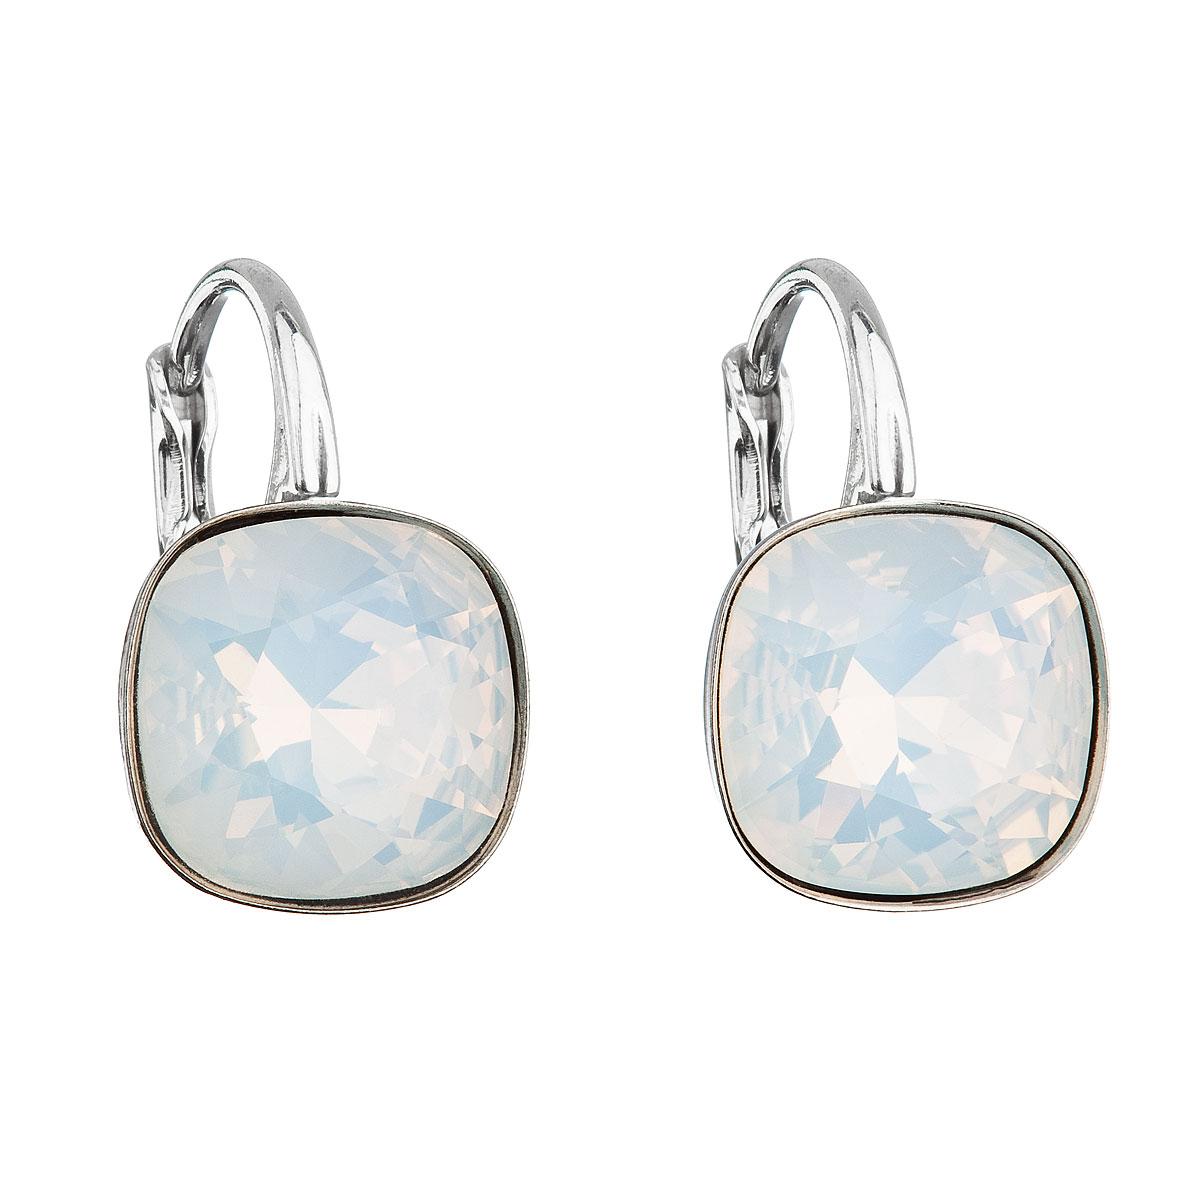 Stříbrné náušnice visací s krystaly Swarovski bílý čtverec 31241.7 white opal